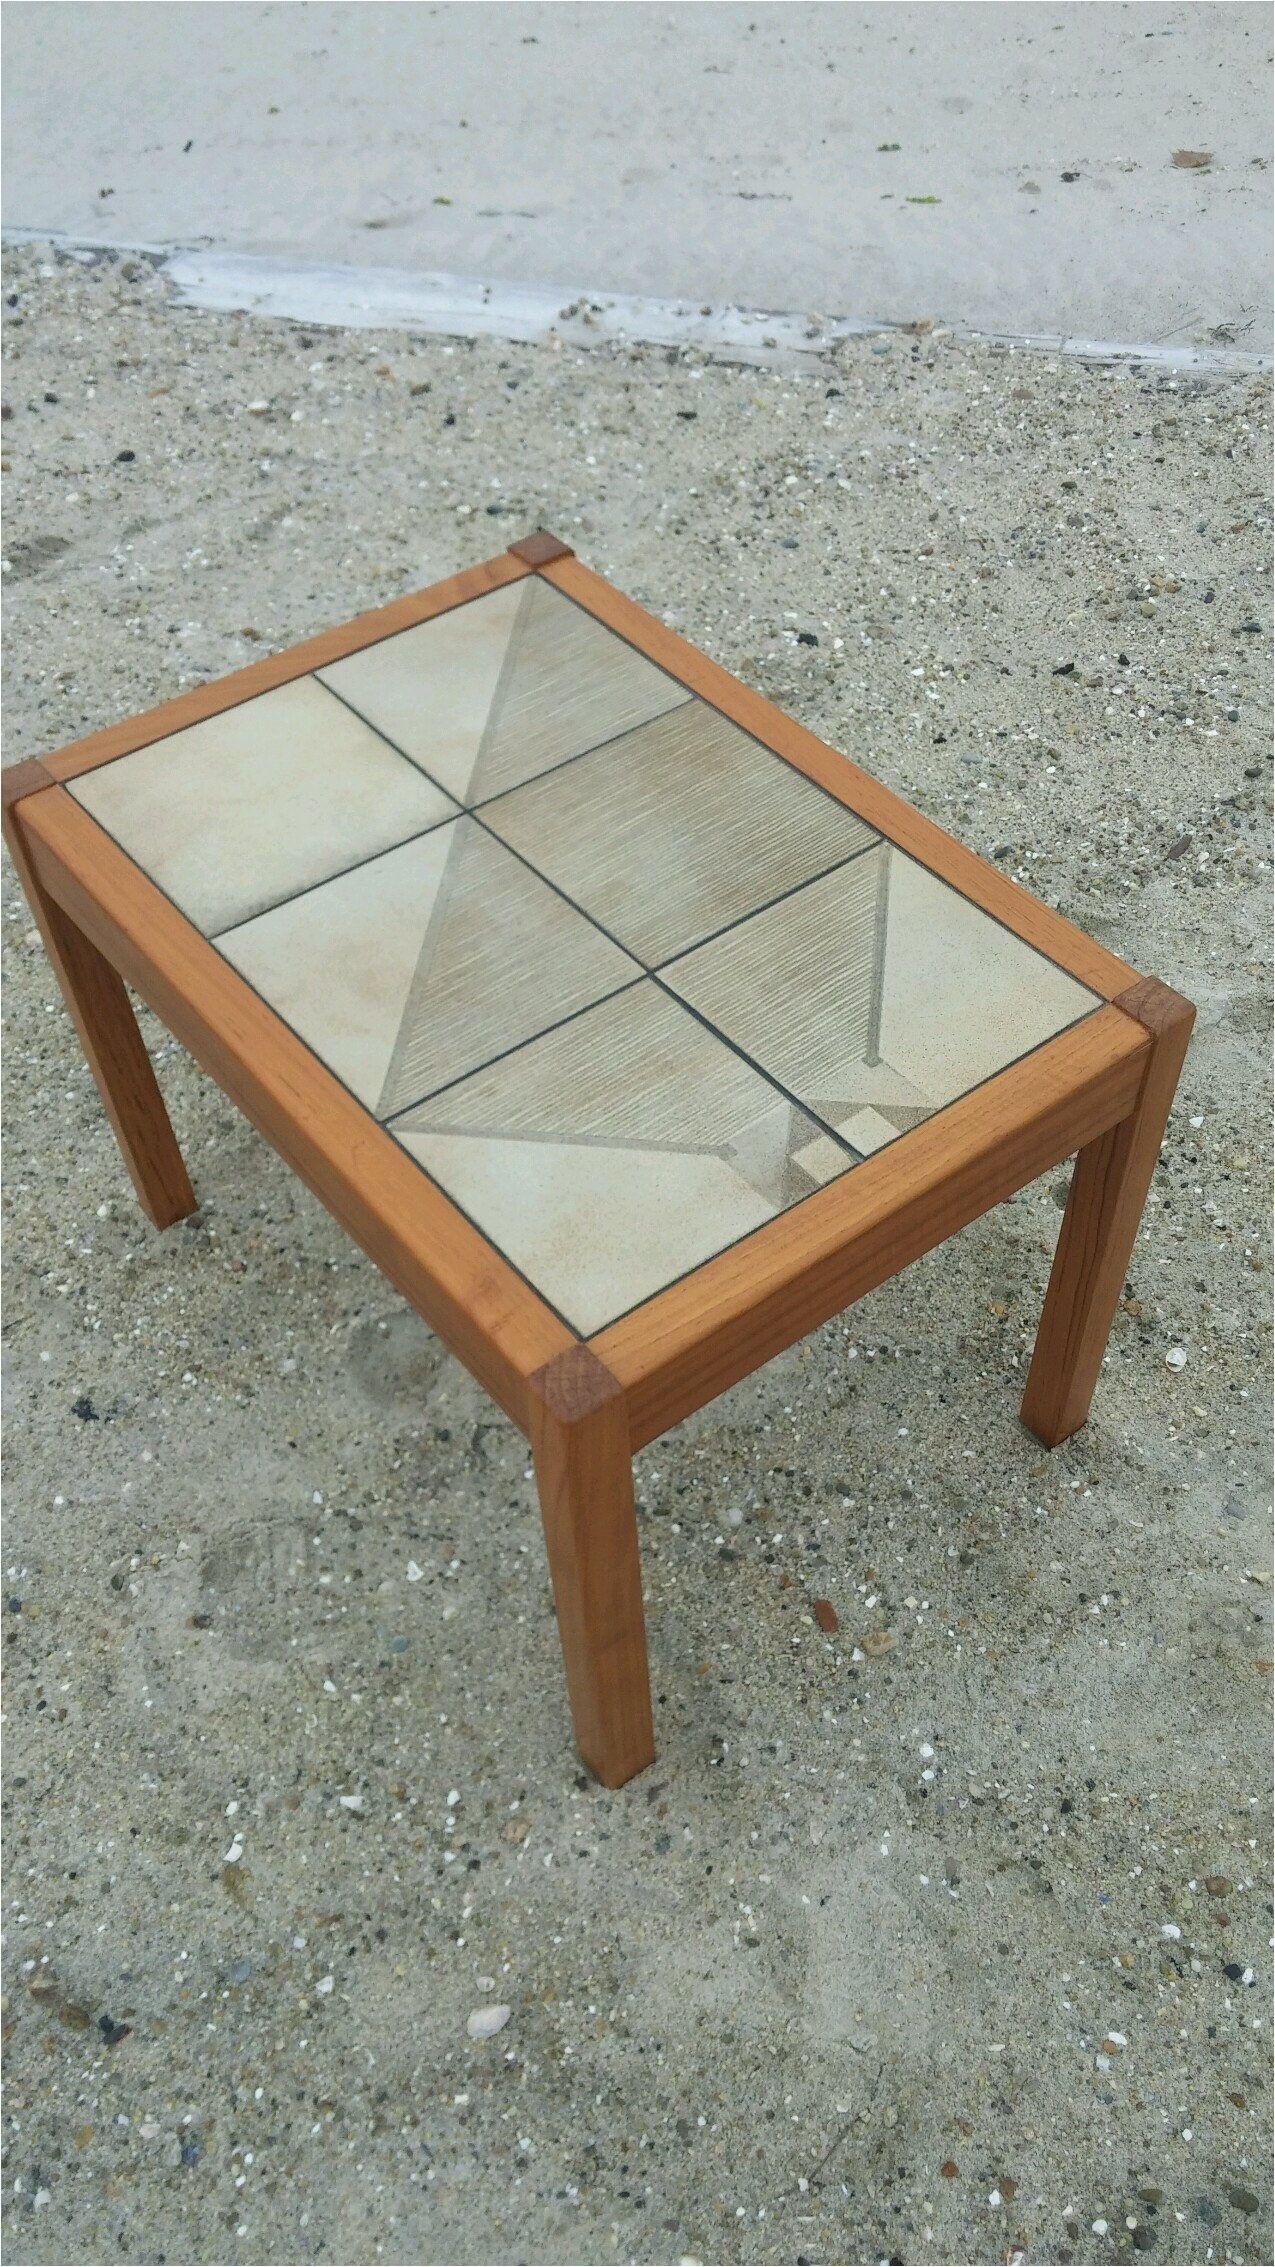 Vintage Mid Century Modern Danish Gangso Mobler Teak Tile Top Side Table Gangs¸ M¸bler A